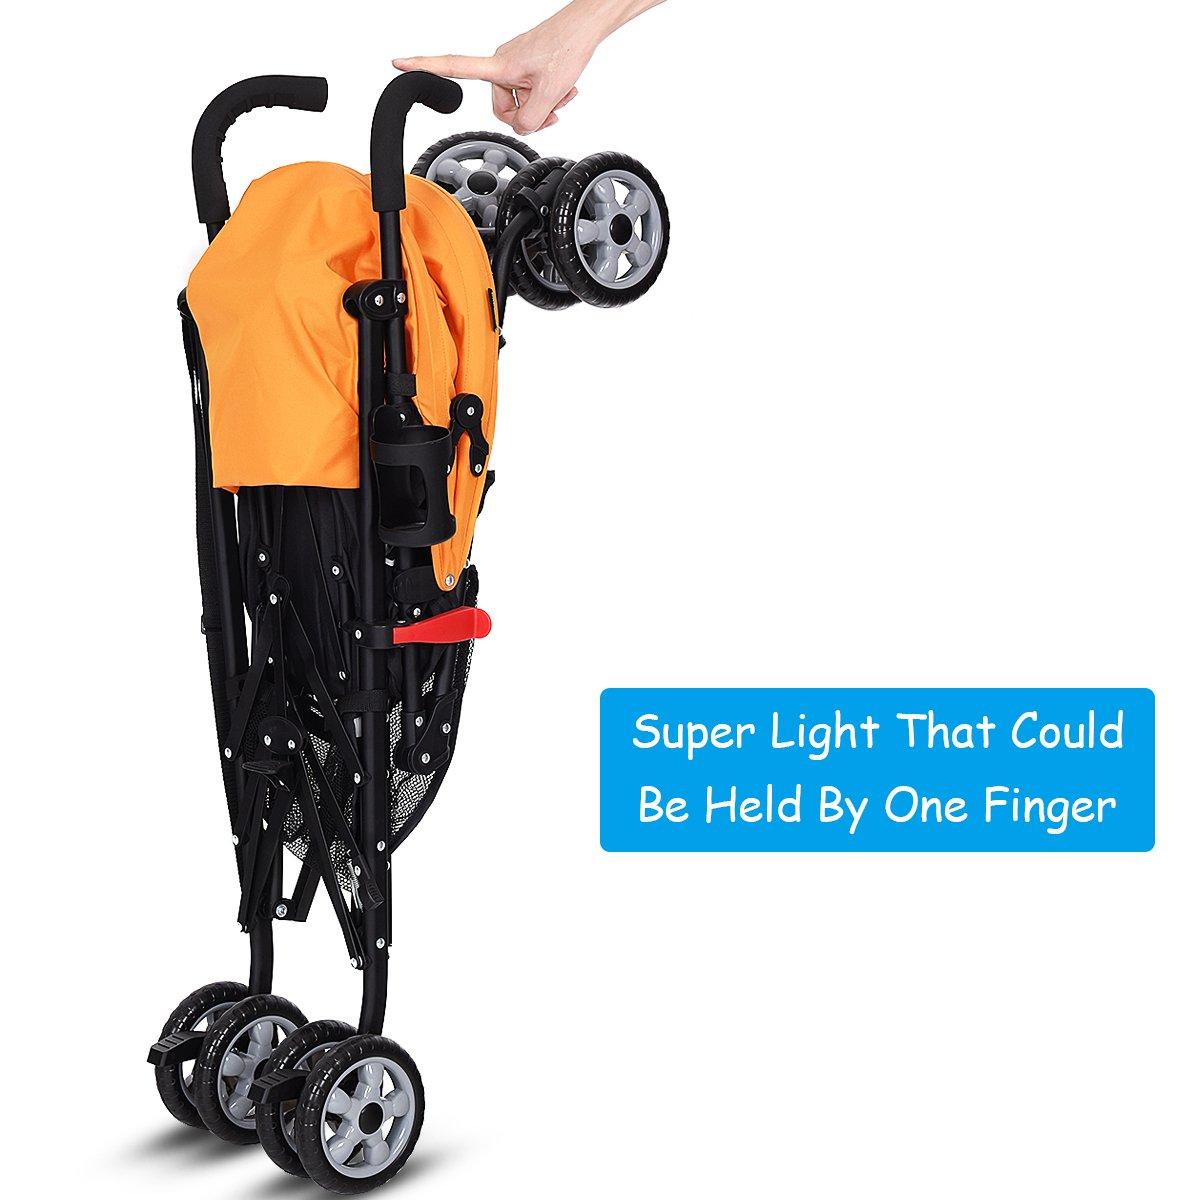 INFANS Lightweight Baby Umbrella Stroller, Foldable Infant Travel Stroller with 4 Position Recline, Adjustable Backrest, Cup Holder, Storage Basket, UV Protection Canopy, Carry Belt (Orange) by INFANS (Image #4)